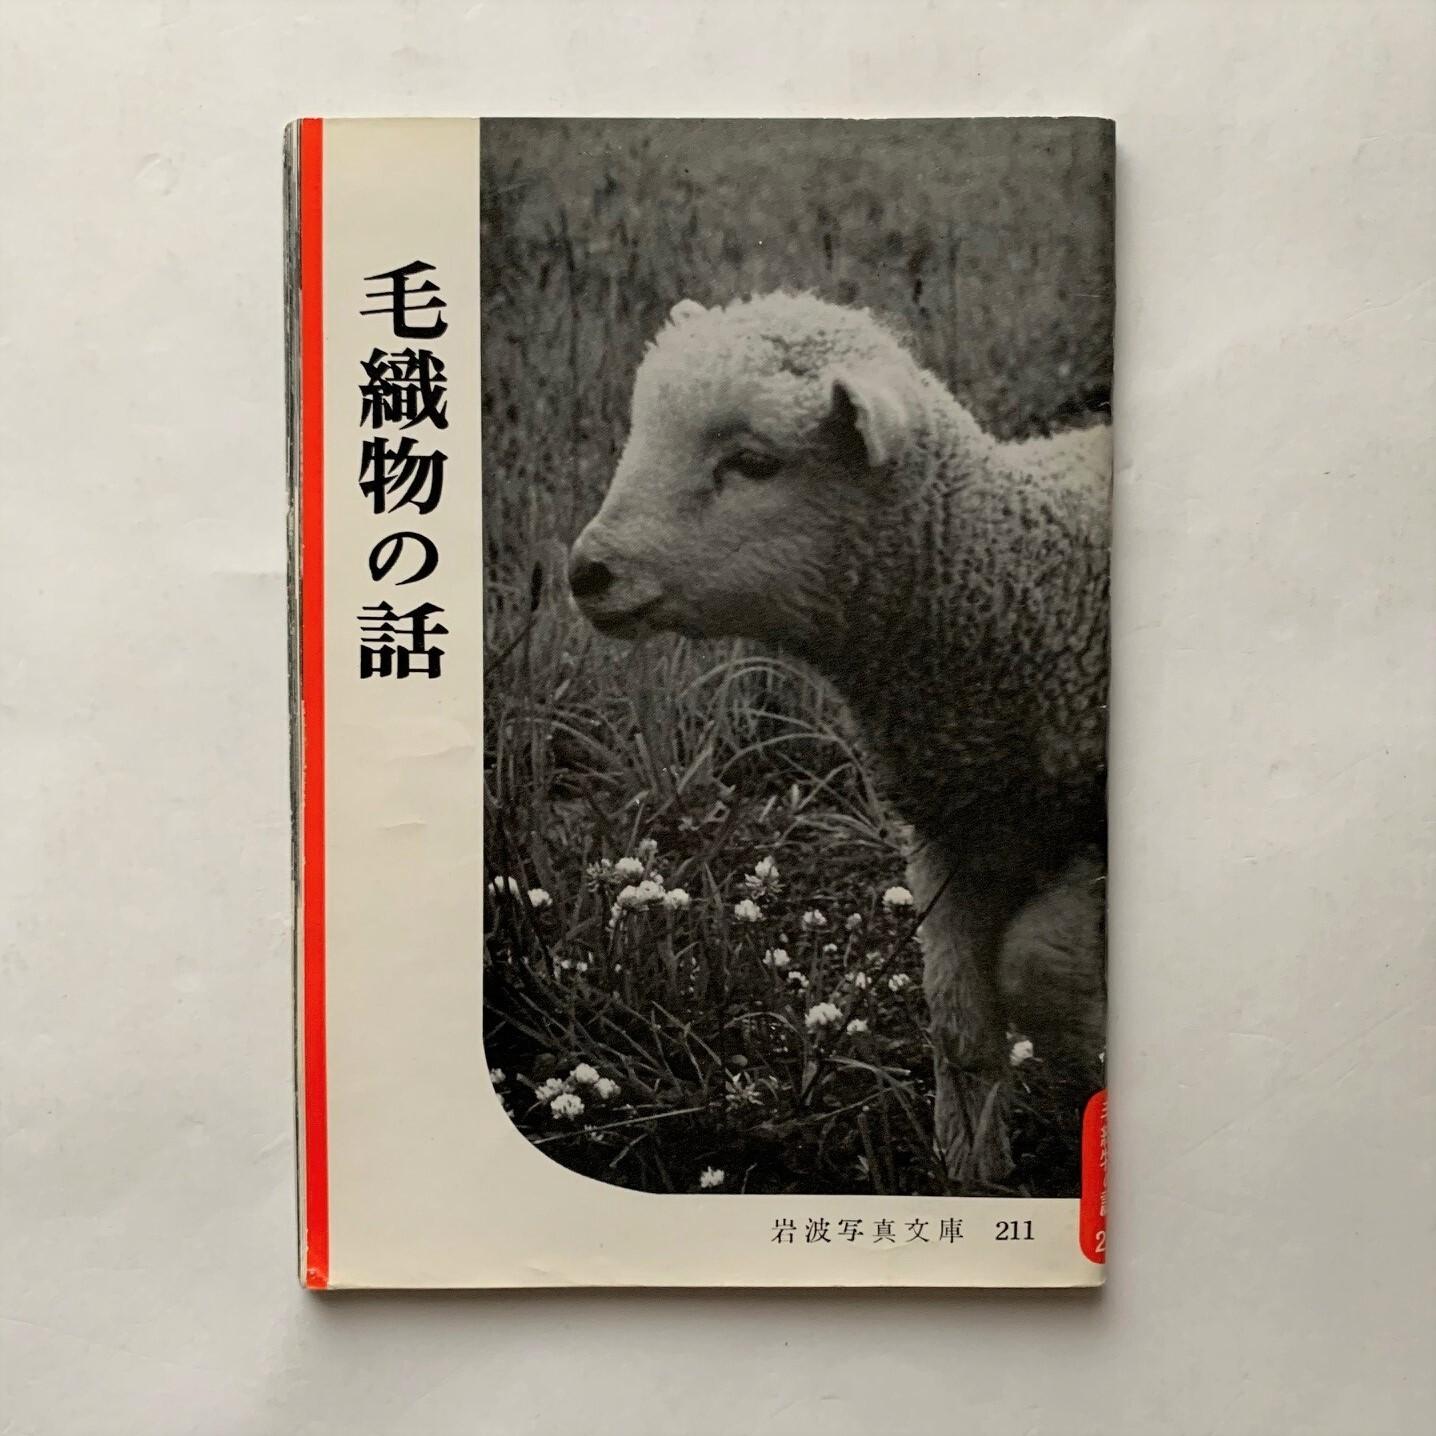 岩波写真文庫211  /  毛織物の話  /  岩波書店